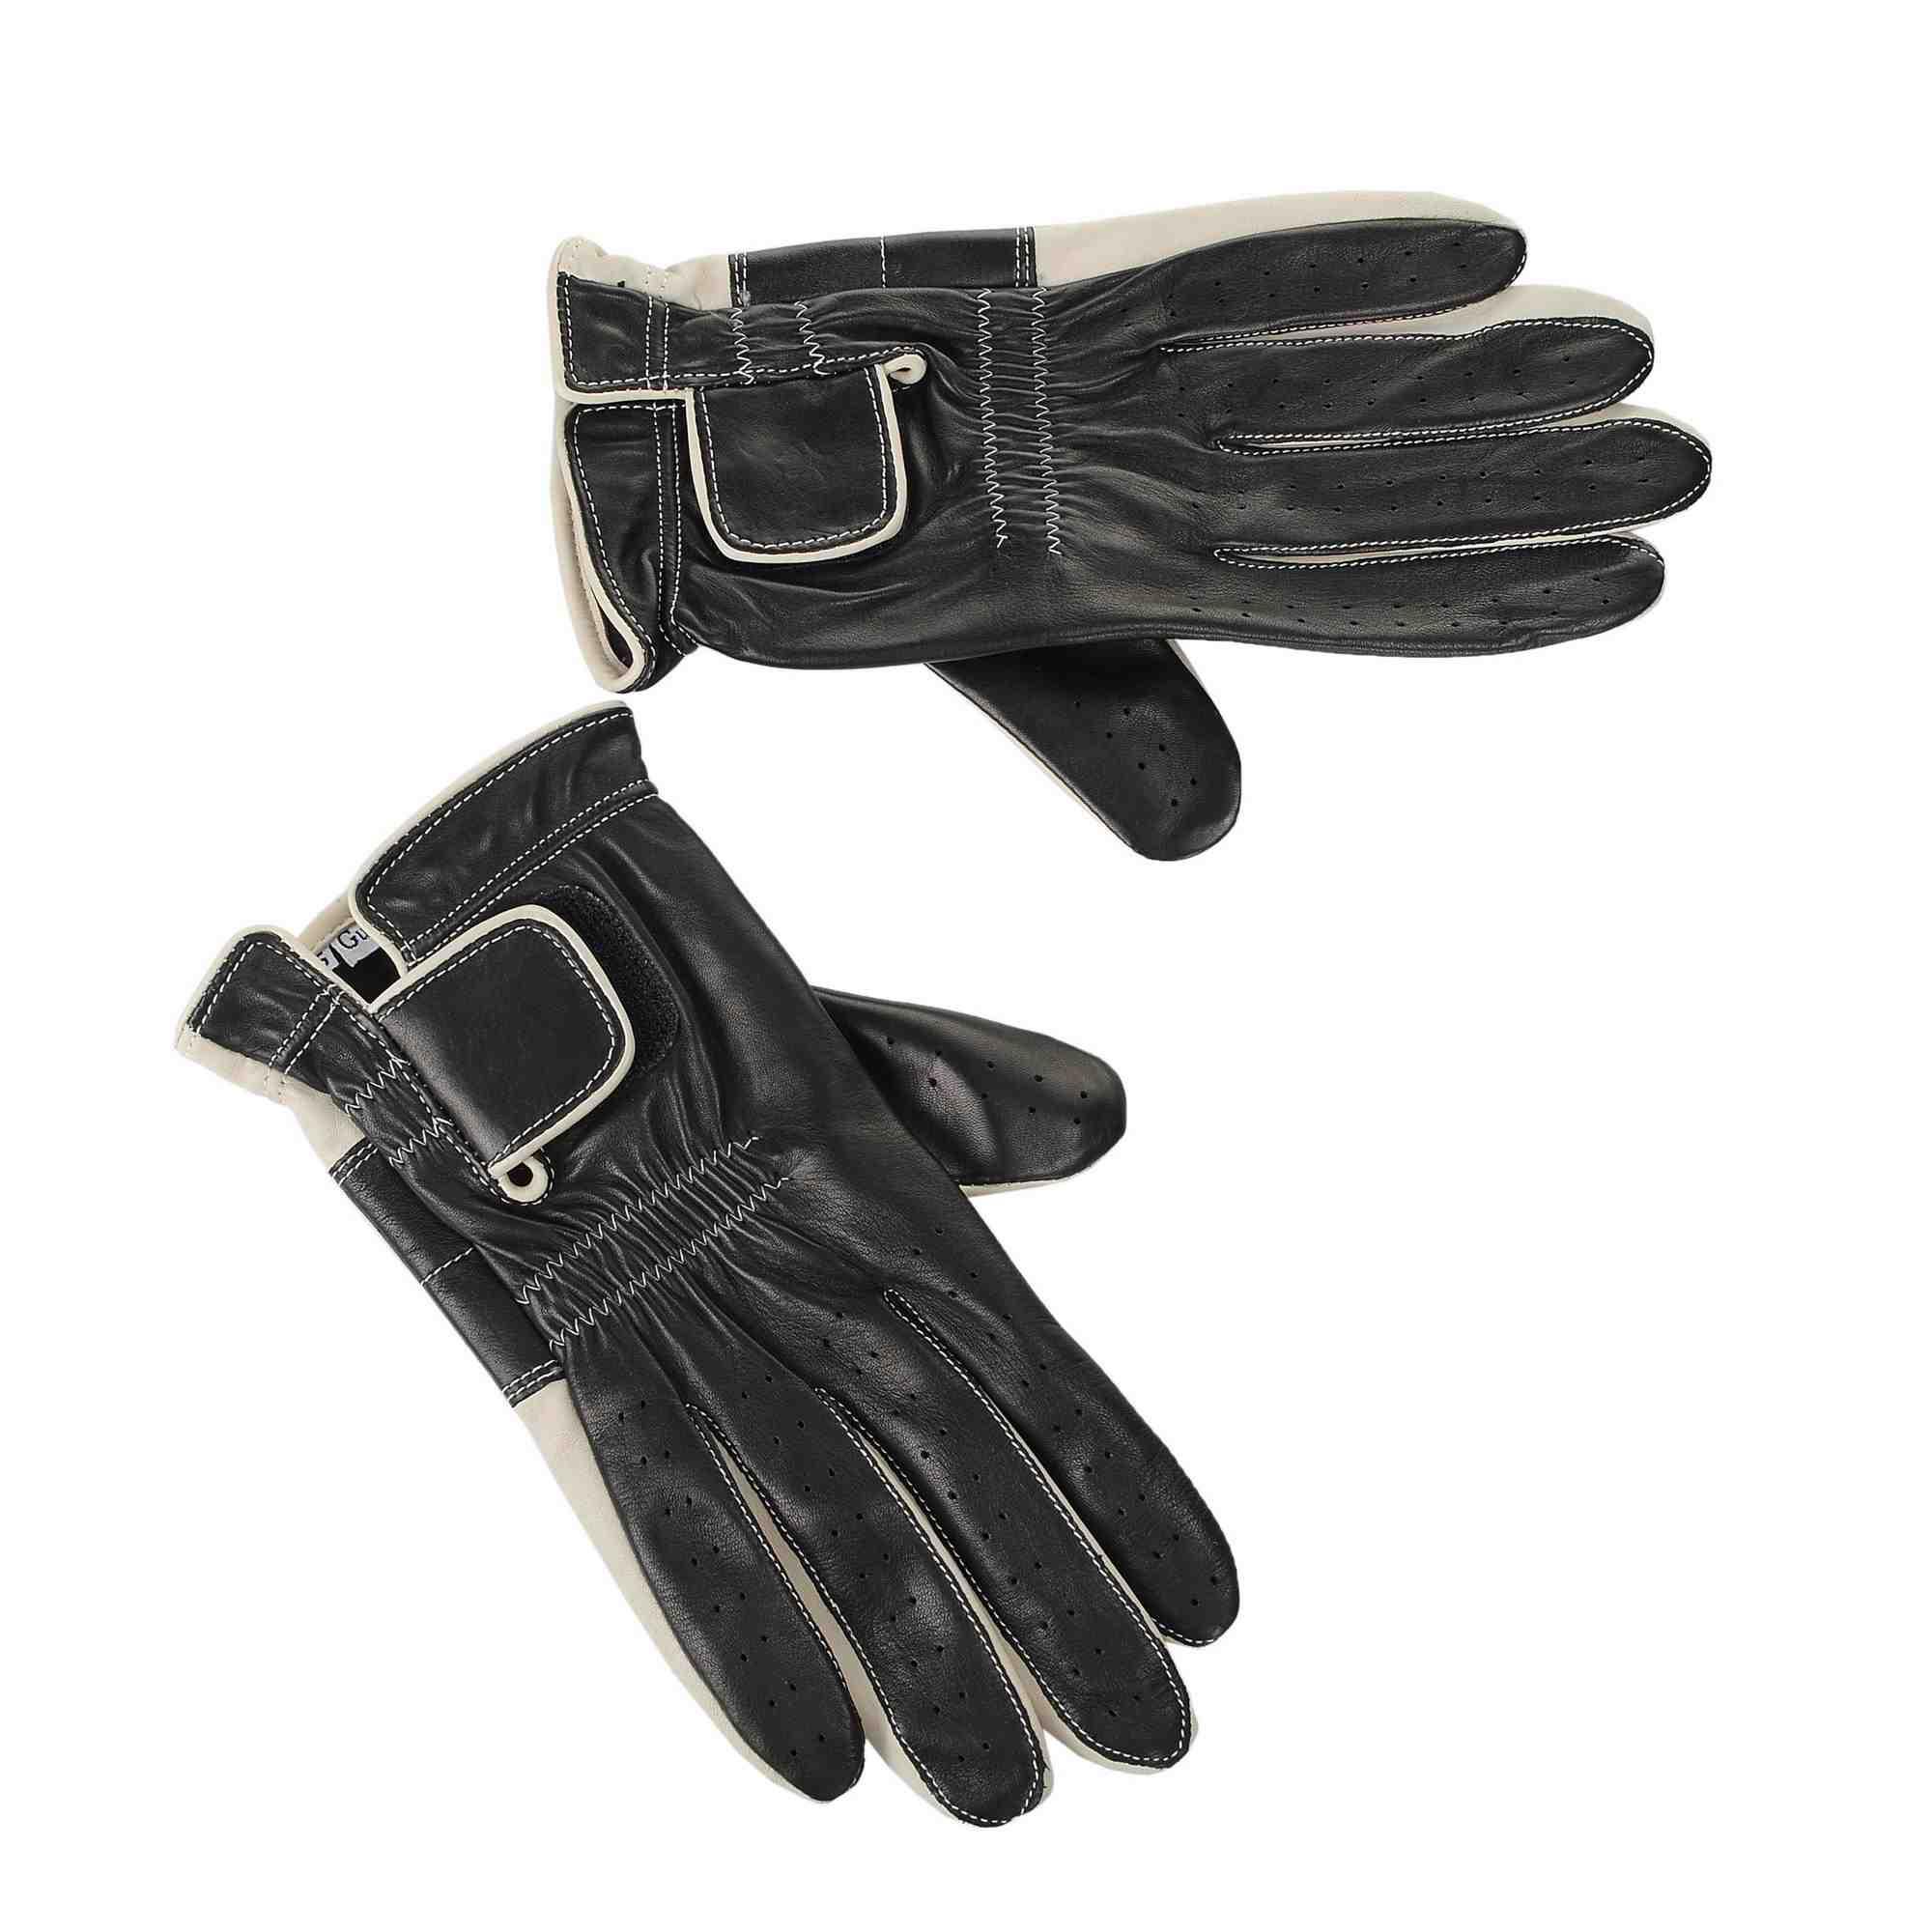 Ανδρικά Δερμάτινα Γάντια Guy Laroche 910 ανδρας   αντρικό γάντι